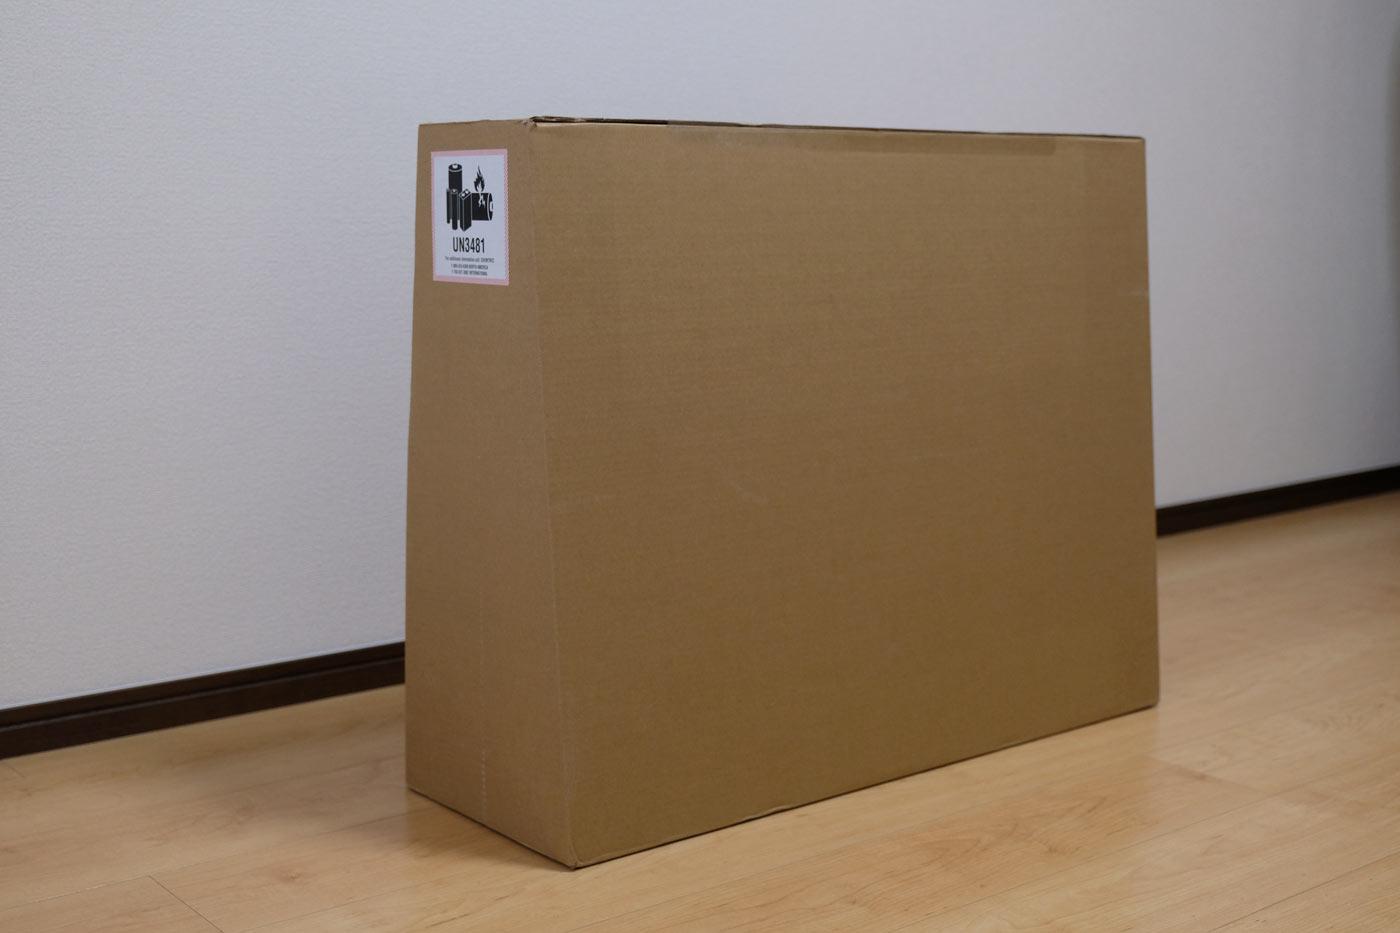 27インチiMac 5K 箱